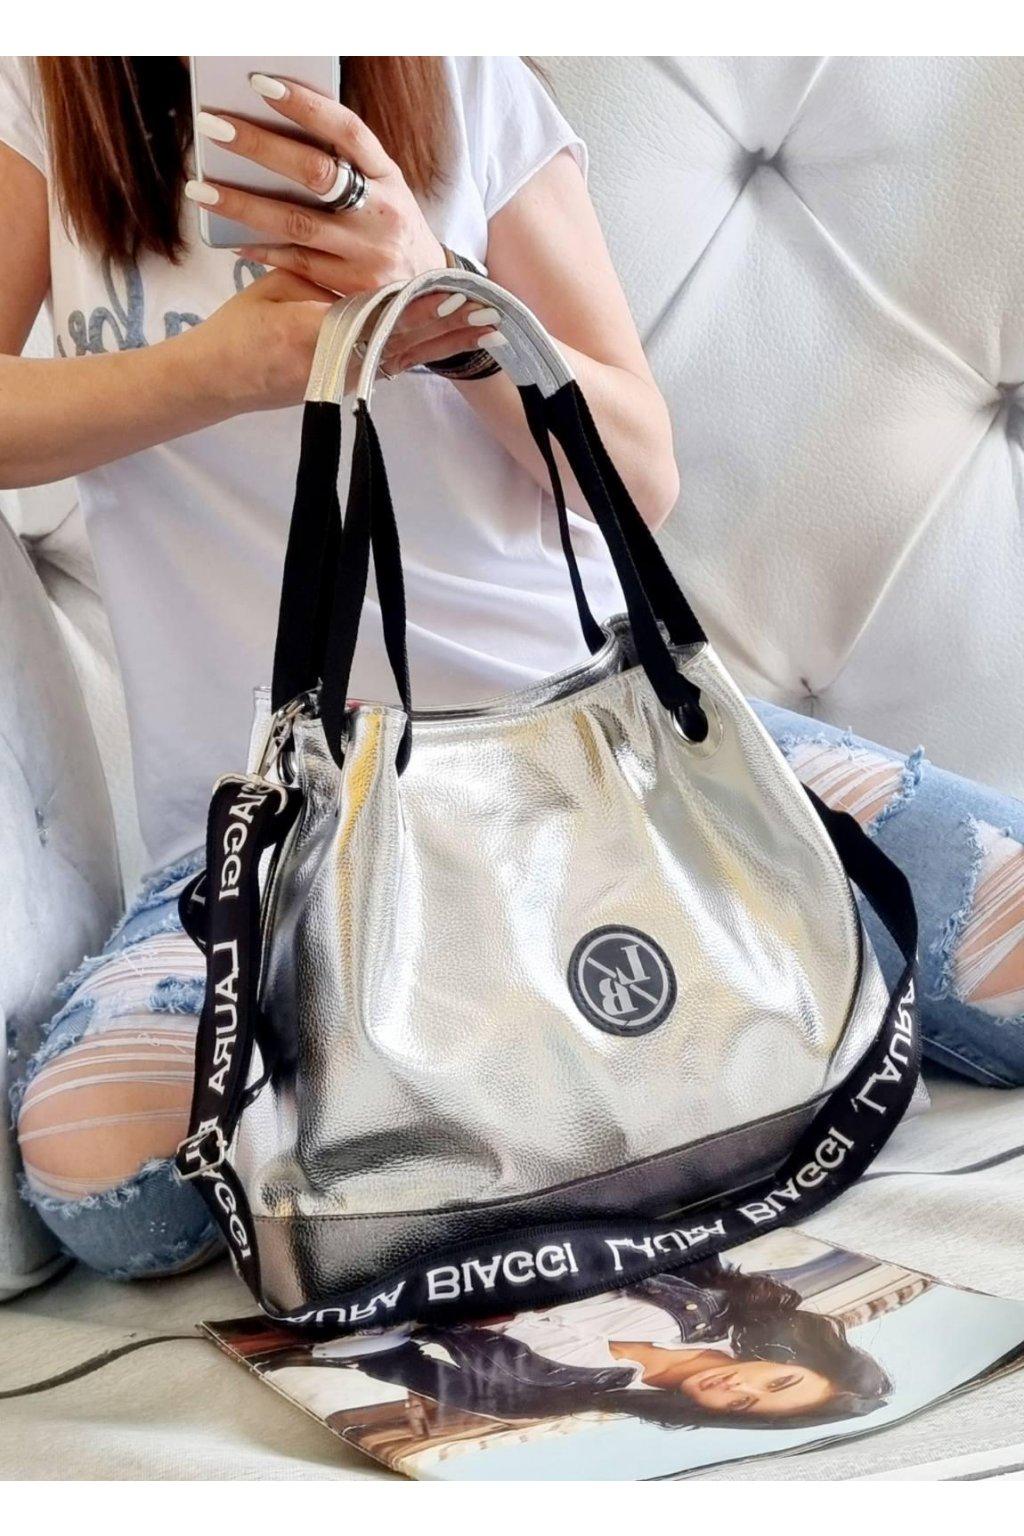 Laura Biaggi kabelka trendy značková luxusní stříbrná torrys